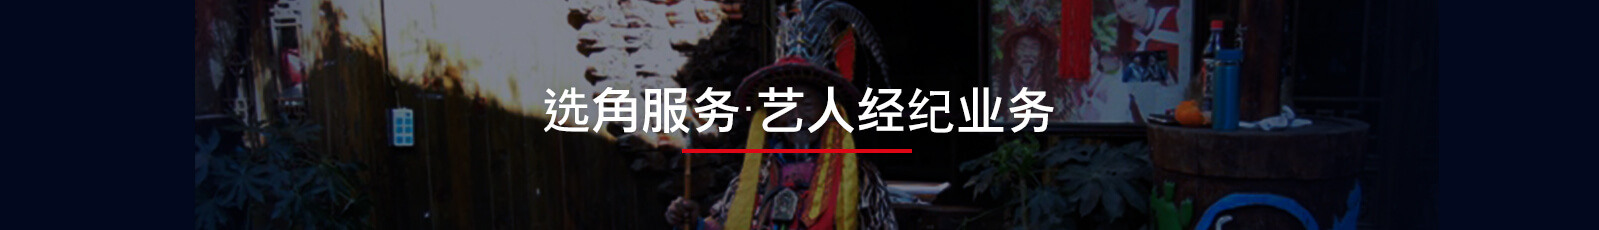 FLY MEDIA 选角服务・艺人经纪业务